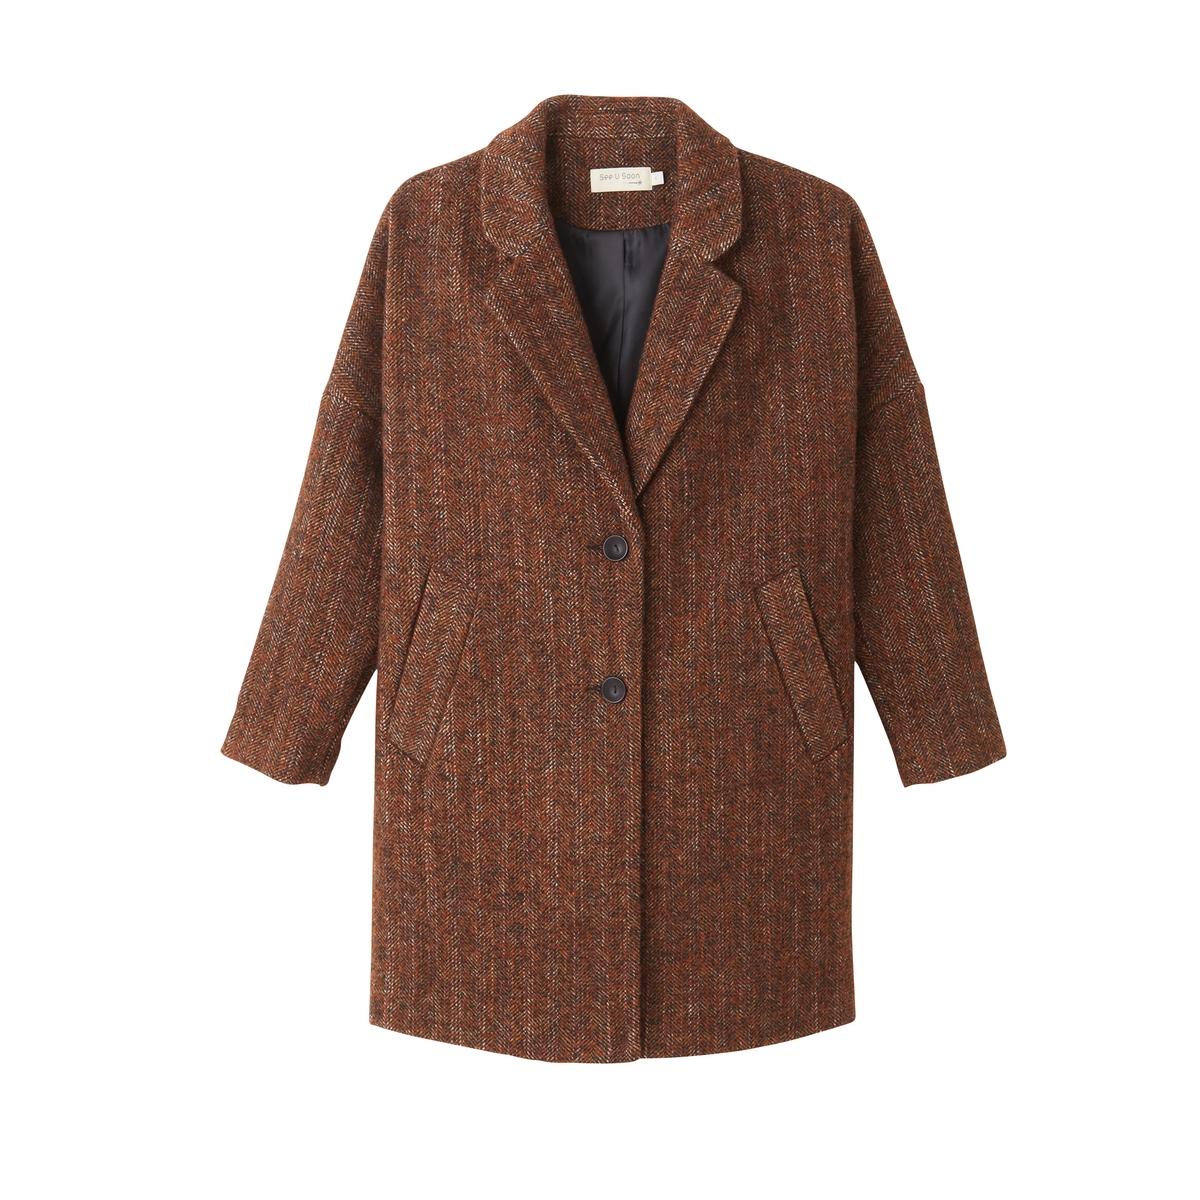 Пальто женское оверсайз средней длиныОписание:С этим пальто размера оверсайз Вам будет тепло и в холодное время года. Также зигзагообразный рисунок и свободный размер позволят Вам всегда оставаться в тренде сезона!Детали •  Длина: средняя •  Воротник-поло, рубашечный • Застежка на пуговицыСостав и уход •  50% шерсти, 50% полиэстера •  Следуйте советам по уходу, указанным на этикетке<br><br>Цвет: темно-красный/каштановый<br>Размер: S/M